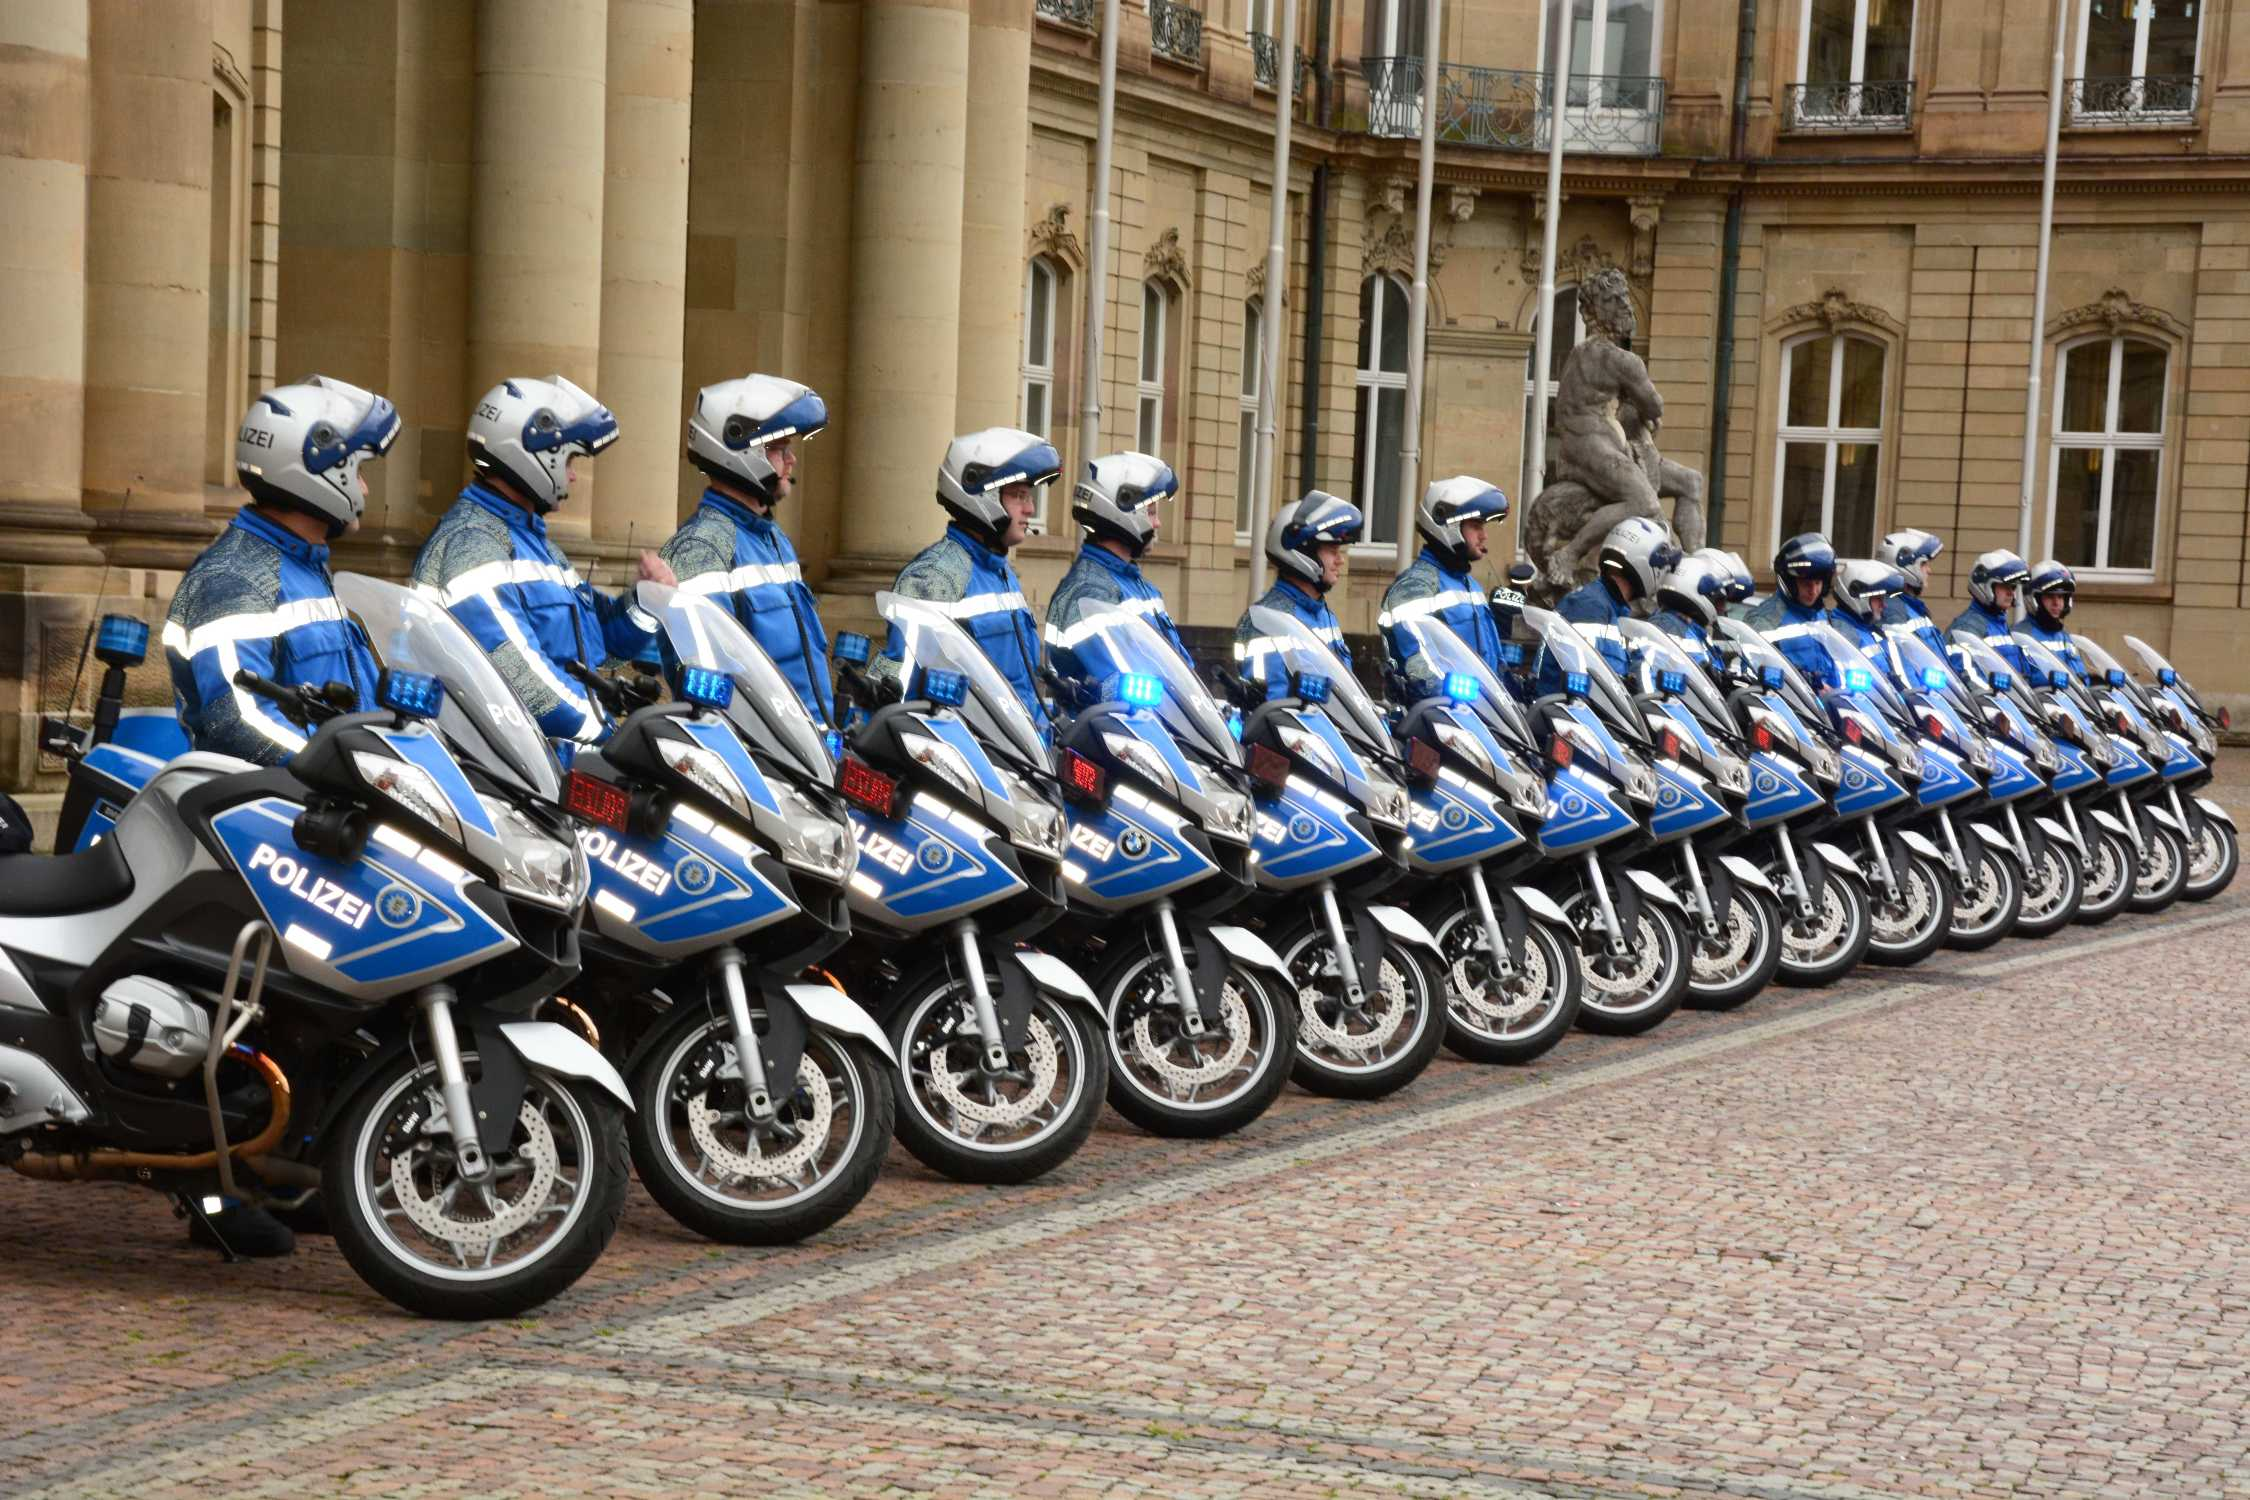 Bmw Motorrad Ubergibt 44 Bmw R 1200 Rt An Die Polizei Baden Wurttemberg